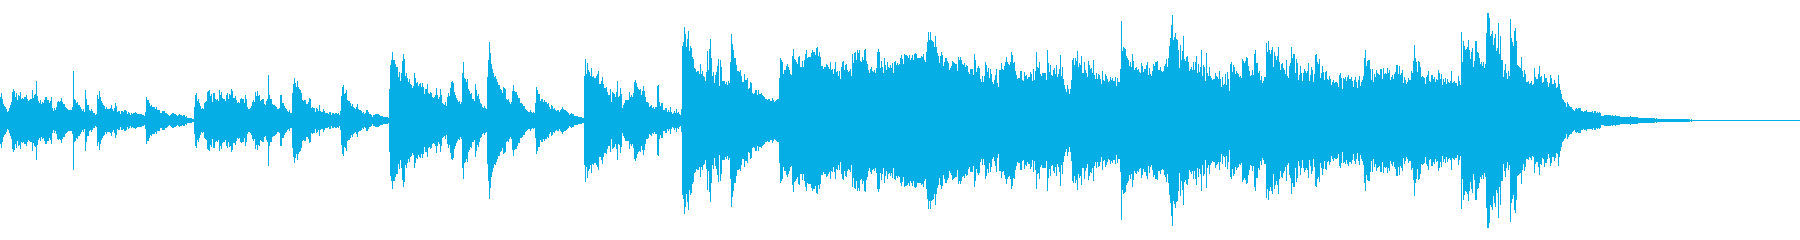 切ない・戸惑いのピアノ8小節の再生済みの波形